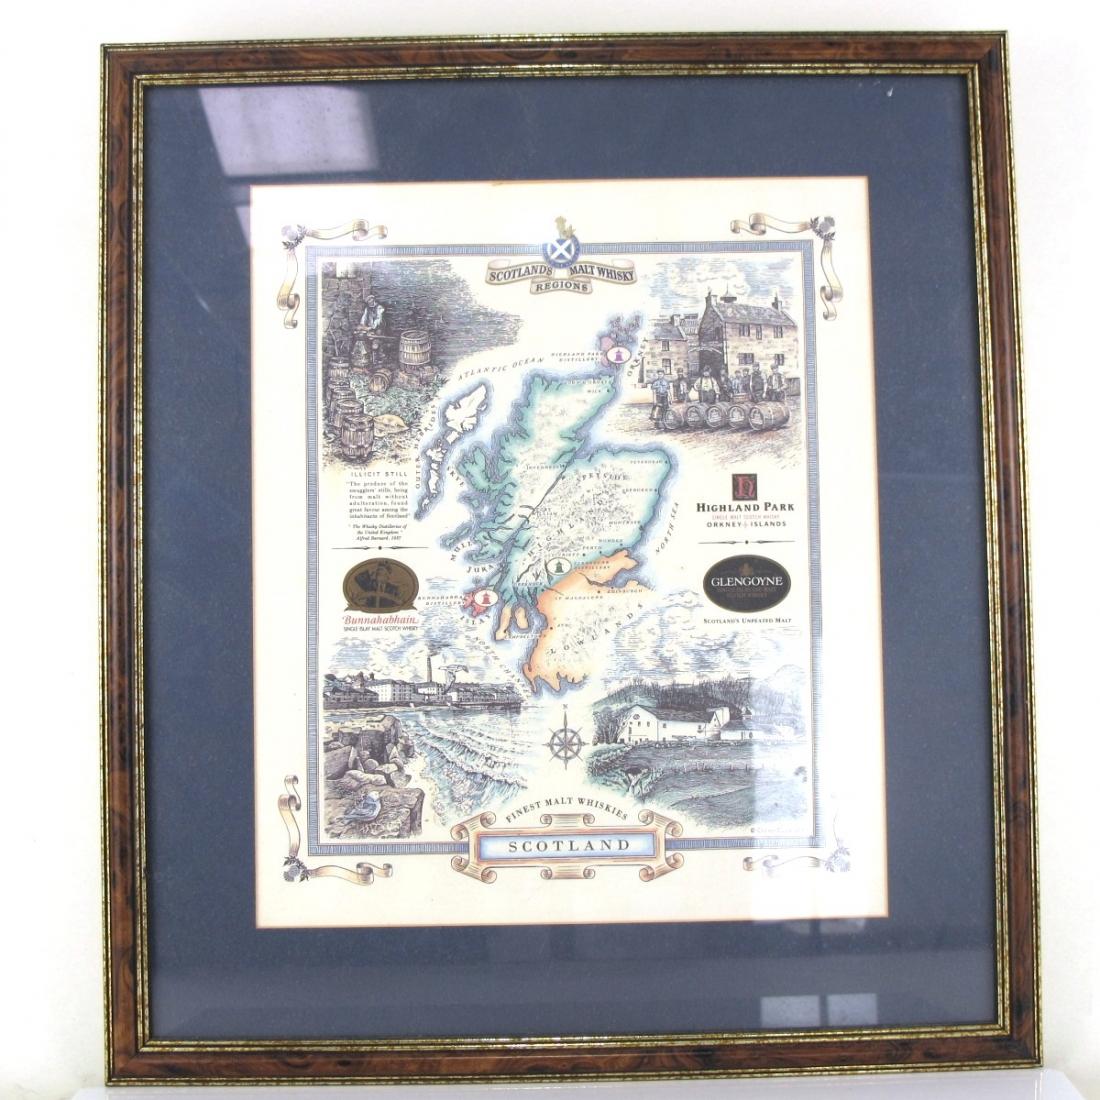 Scotland's Malt Whisky Regions Framed Poster